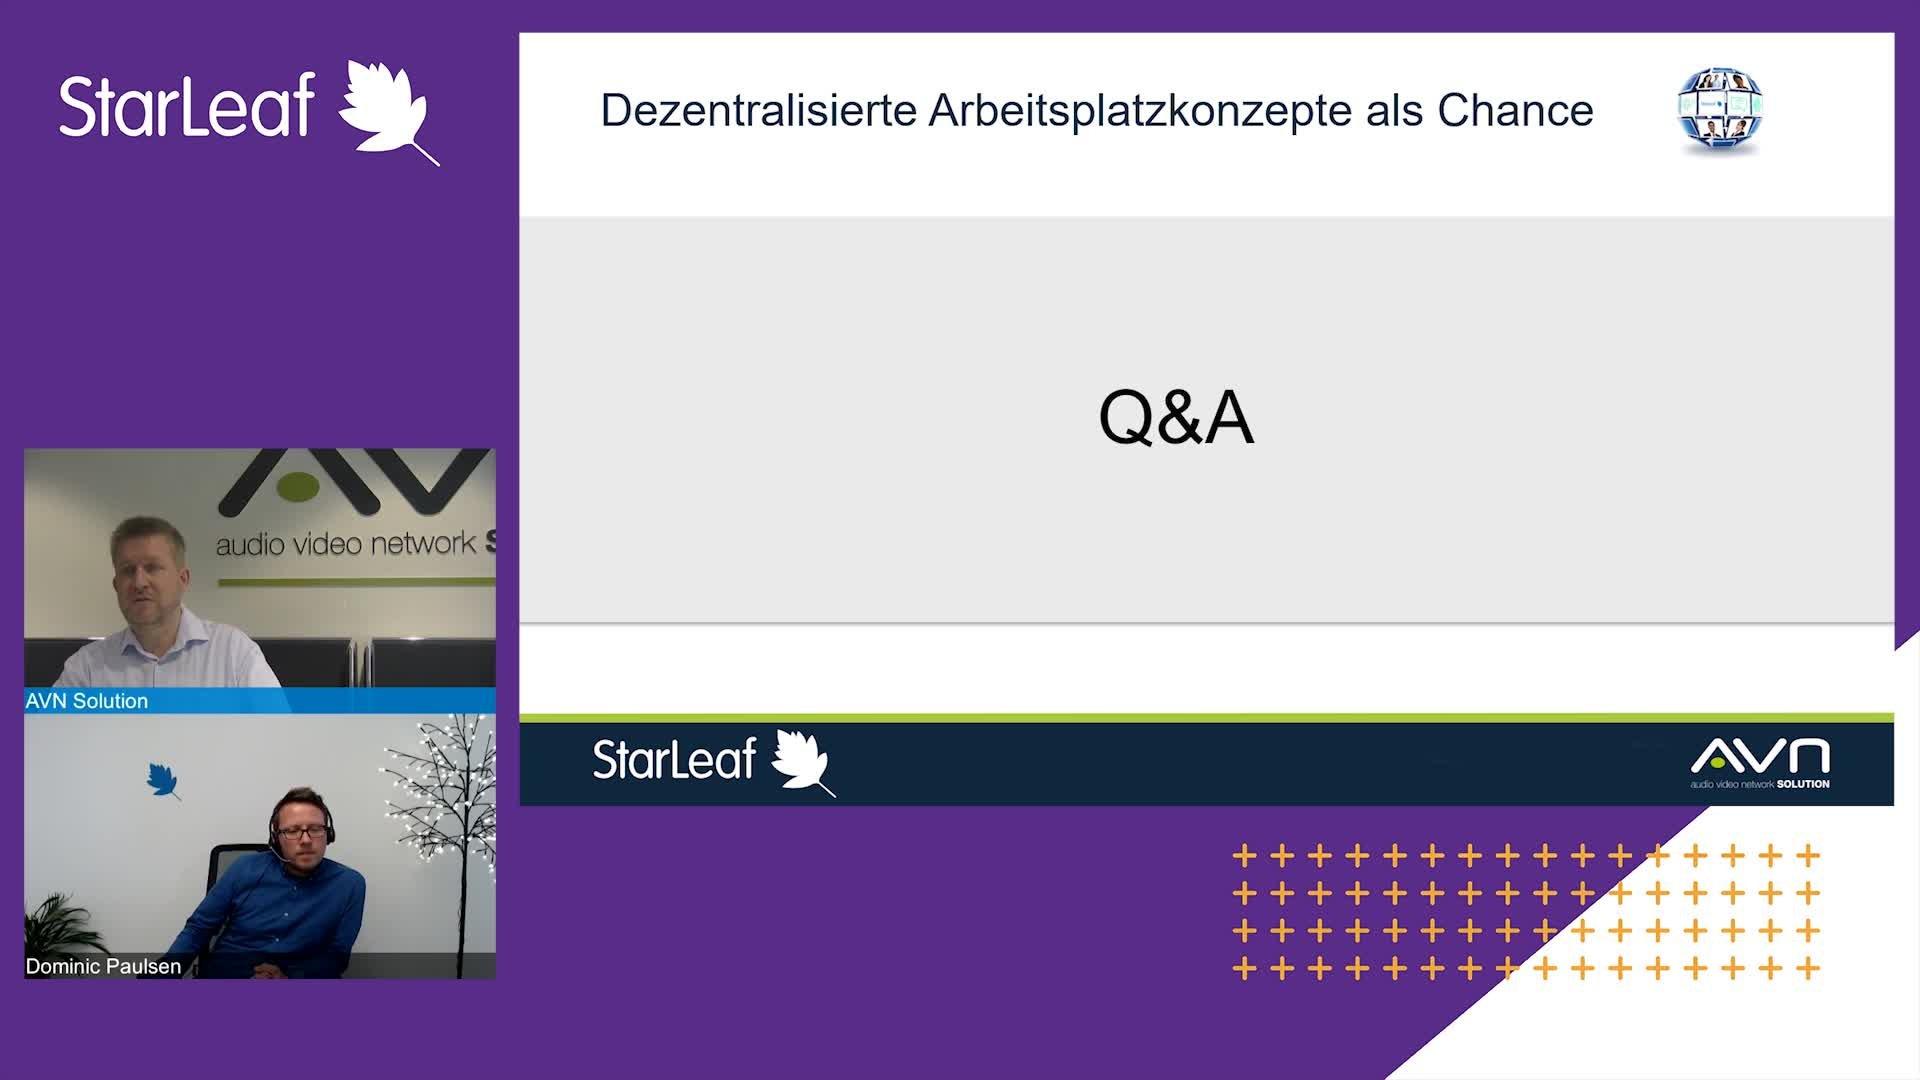 Starleaf Webinar 05.05.2020 mit funkschau